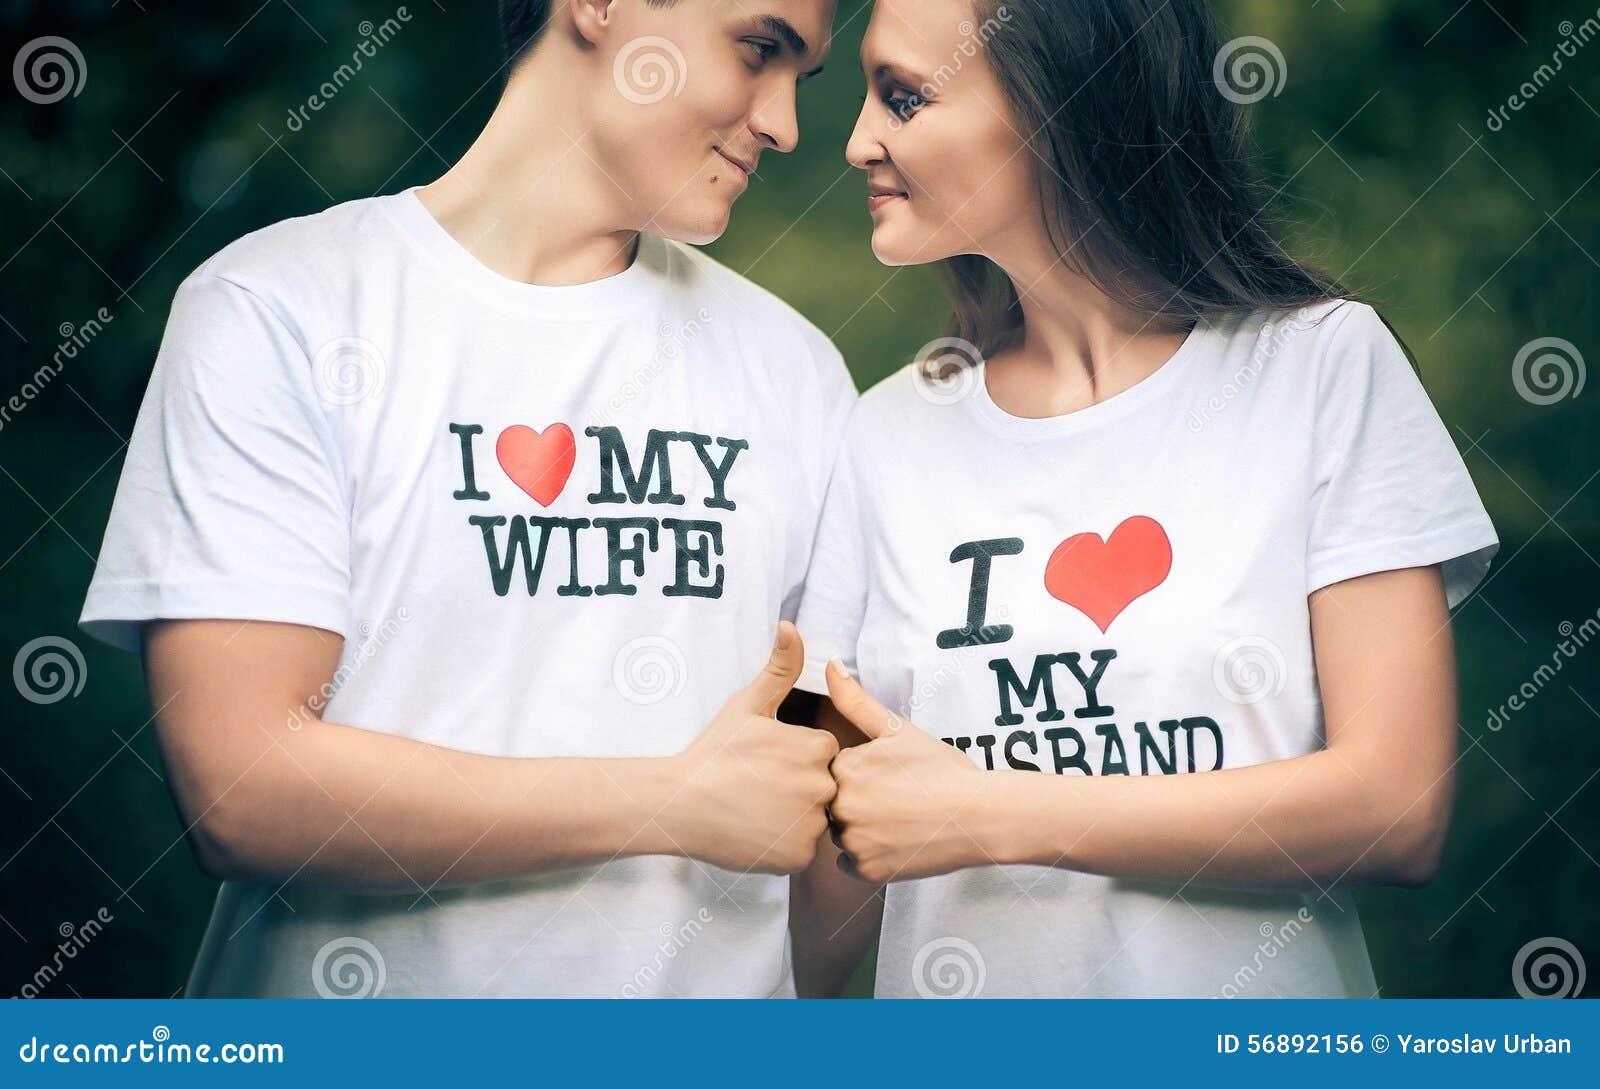 Το παντρεμένο ζευγάρι με τις λέξεις στην μπλούζα Ι αγαπά το μου